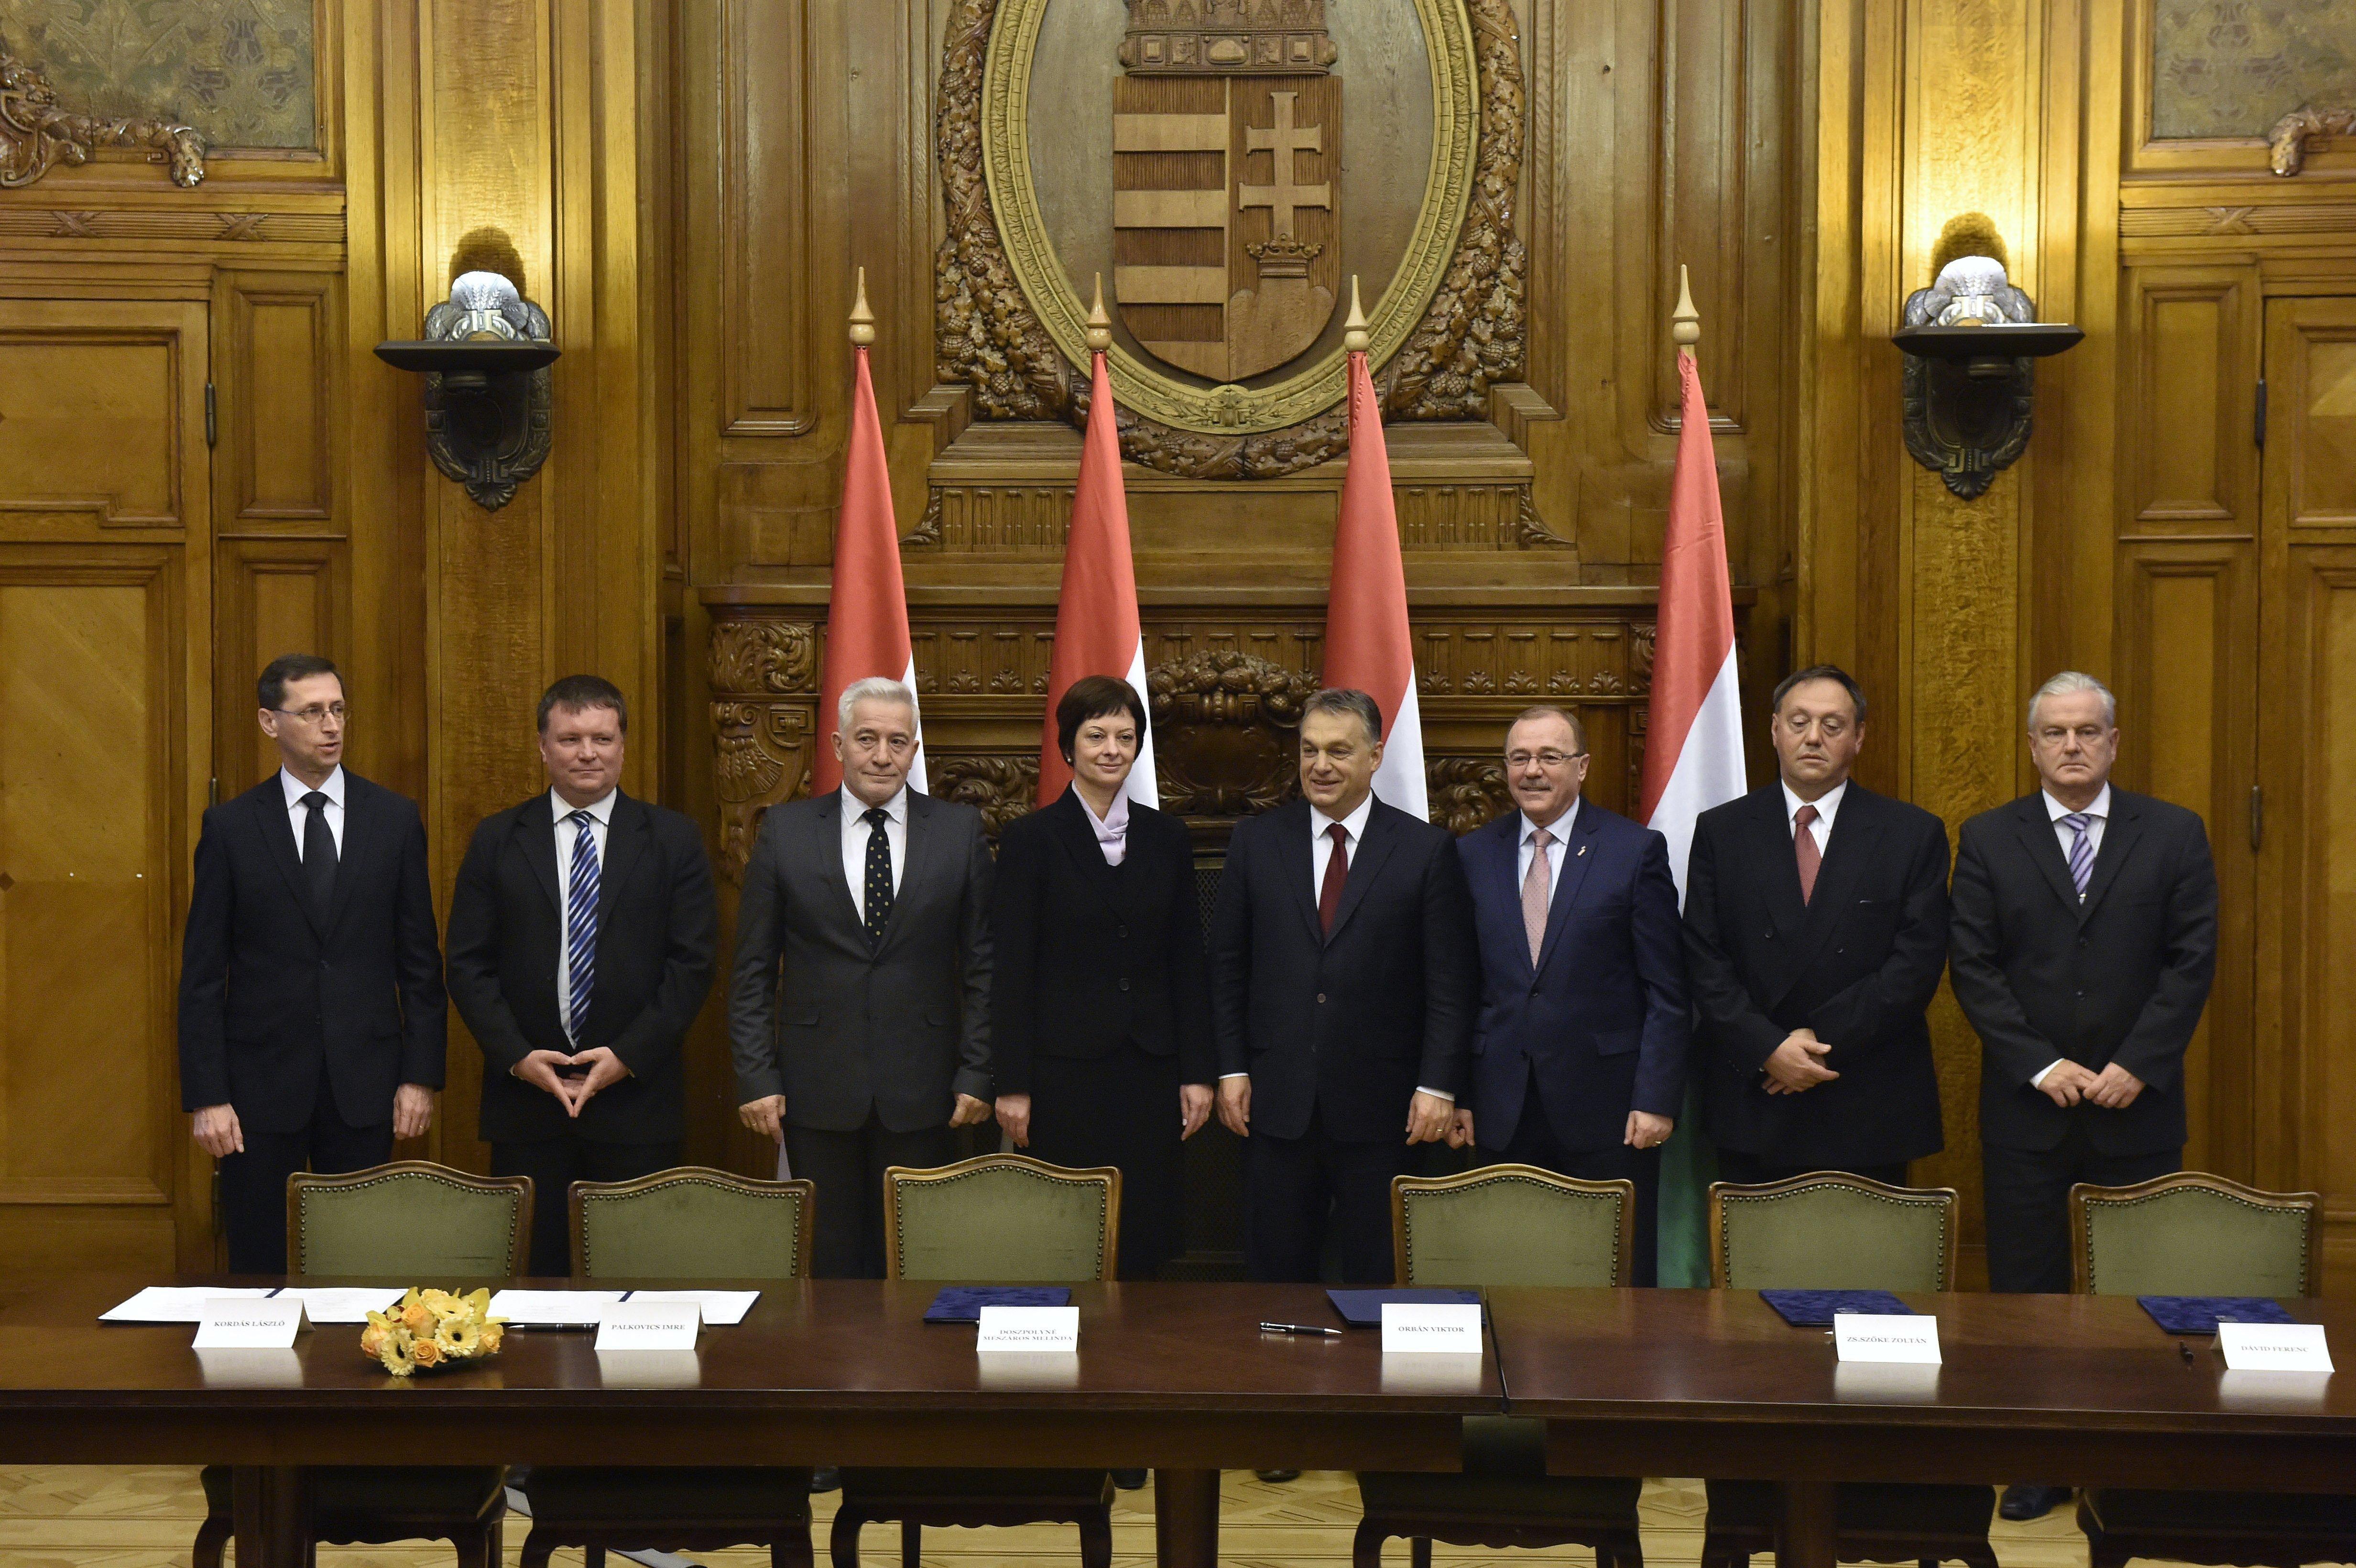 Csak a kisebb magyar cégek és a közmunkások járnak rosszul a kormány béremelési paktumjával